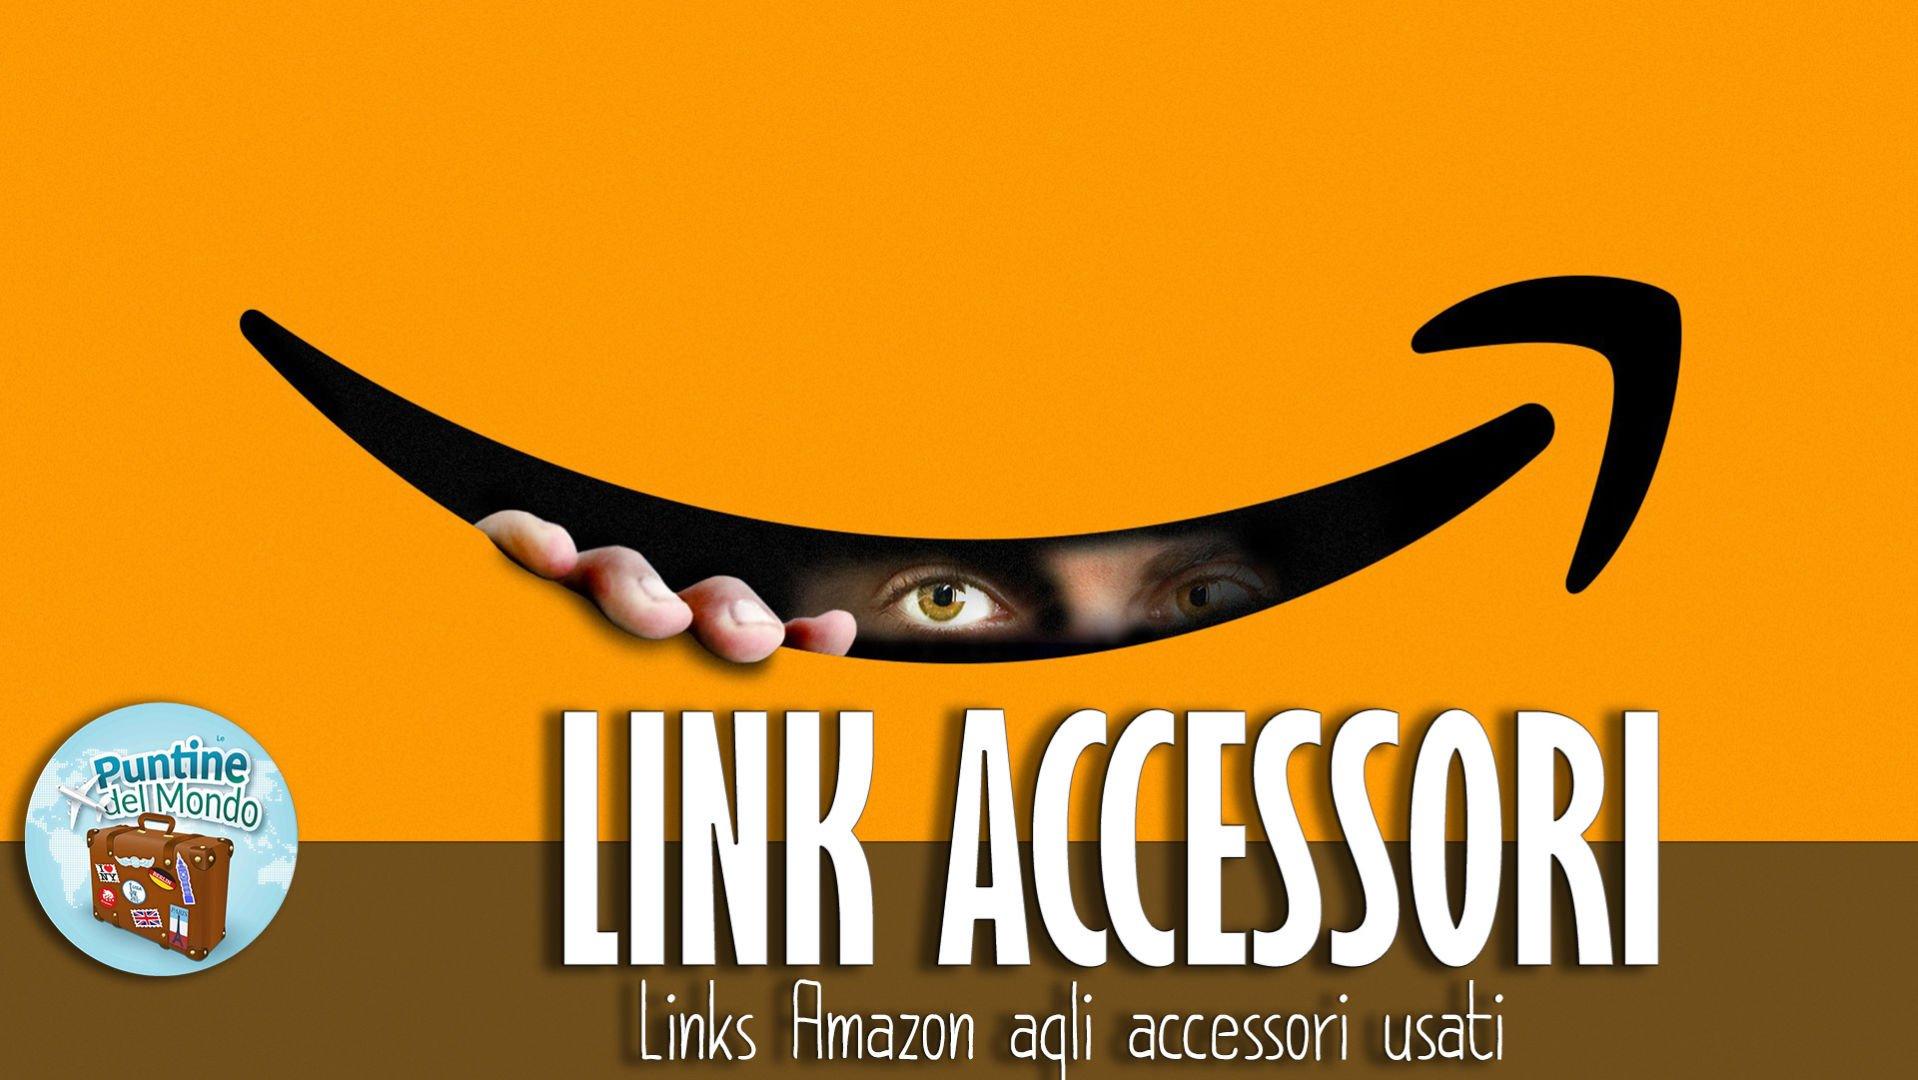 Link accessori Amazon di Le Puntine del Mondo